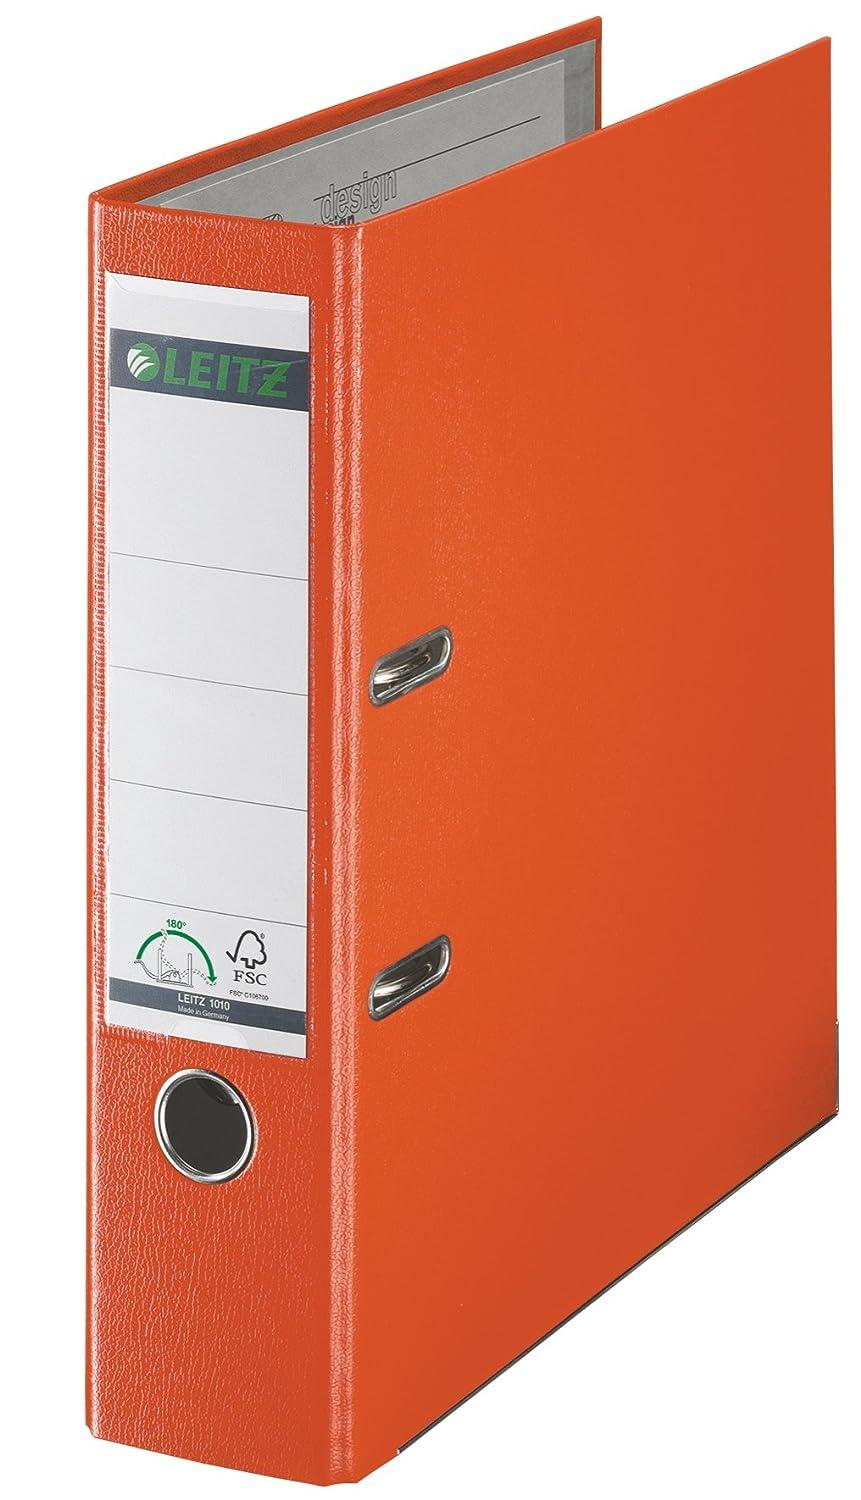 Leitz 10105045 - Archivador plástico con anillas (A4), color naranja: Amazon.es: Oficina y papelería